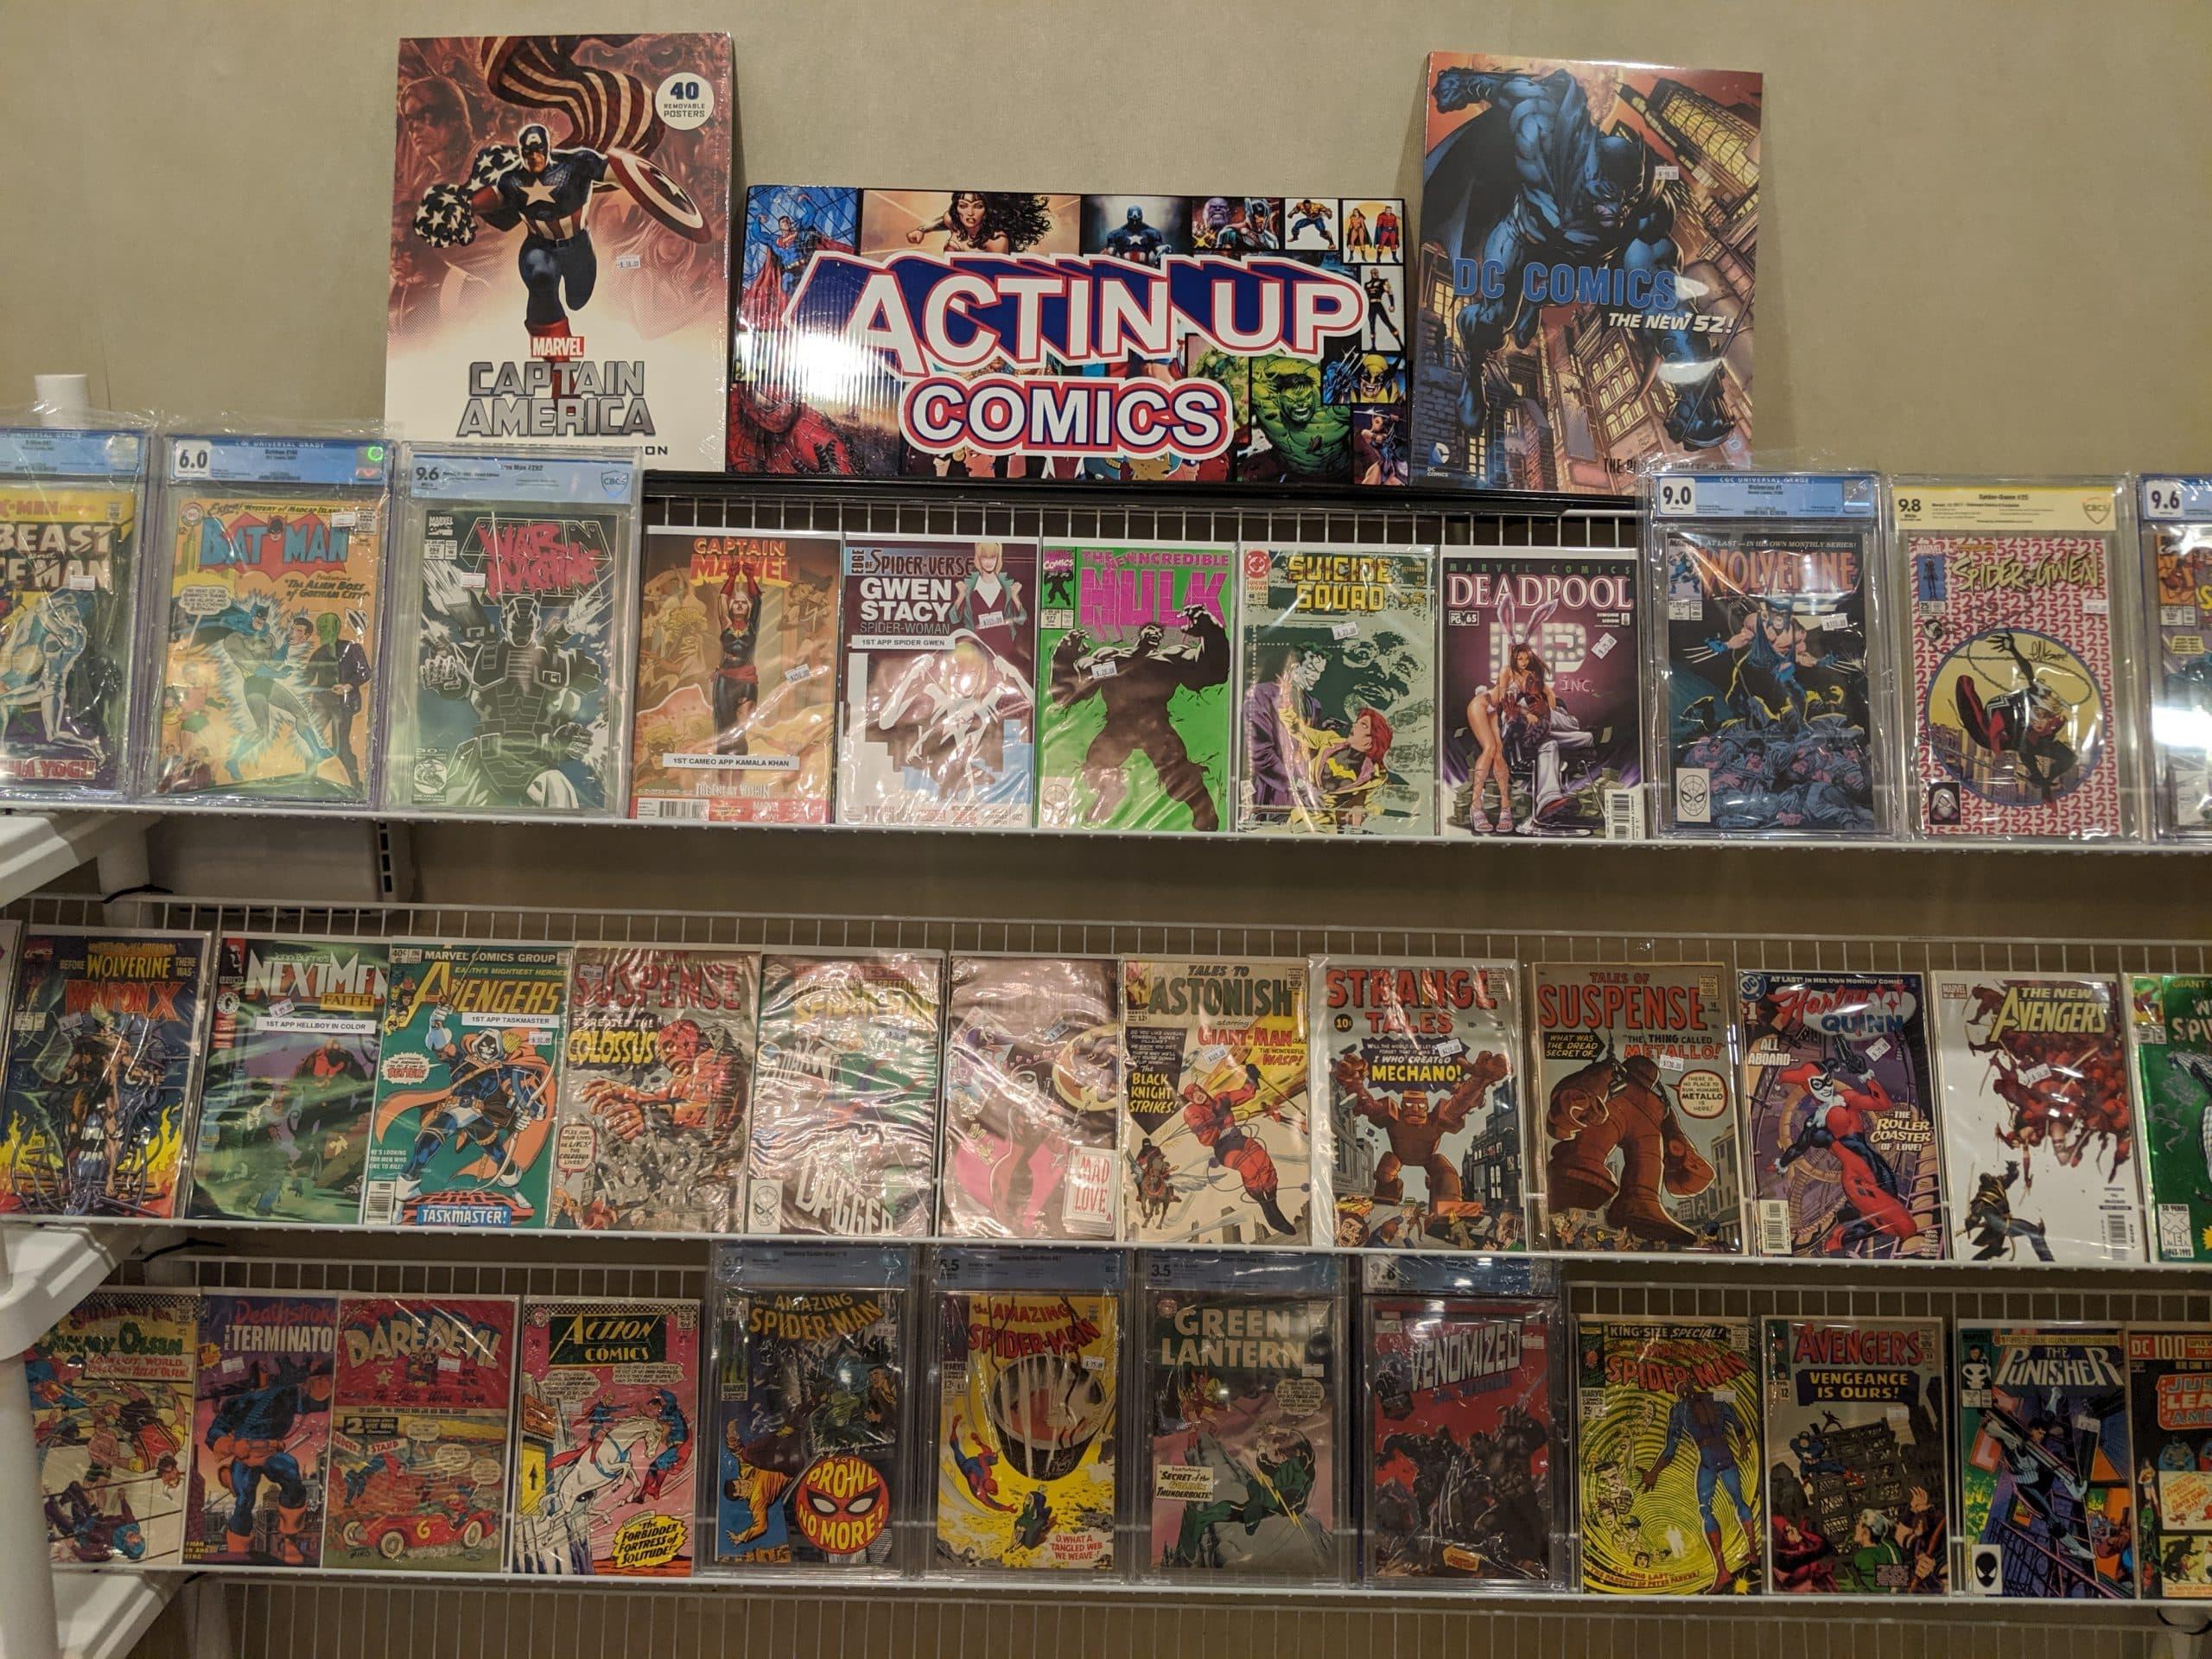 Actin Up Comics